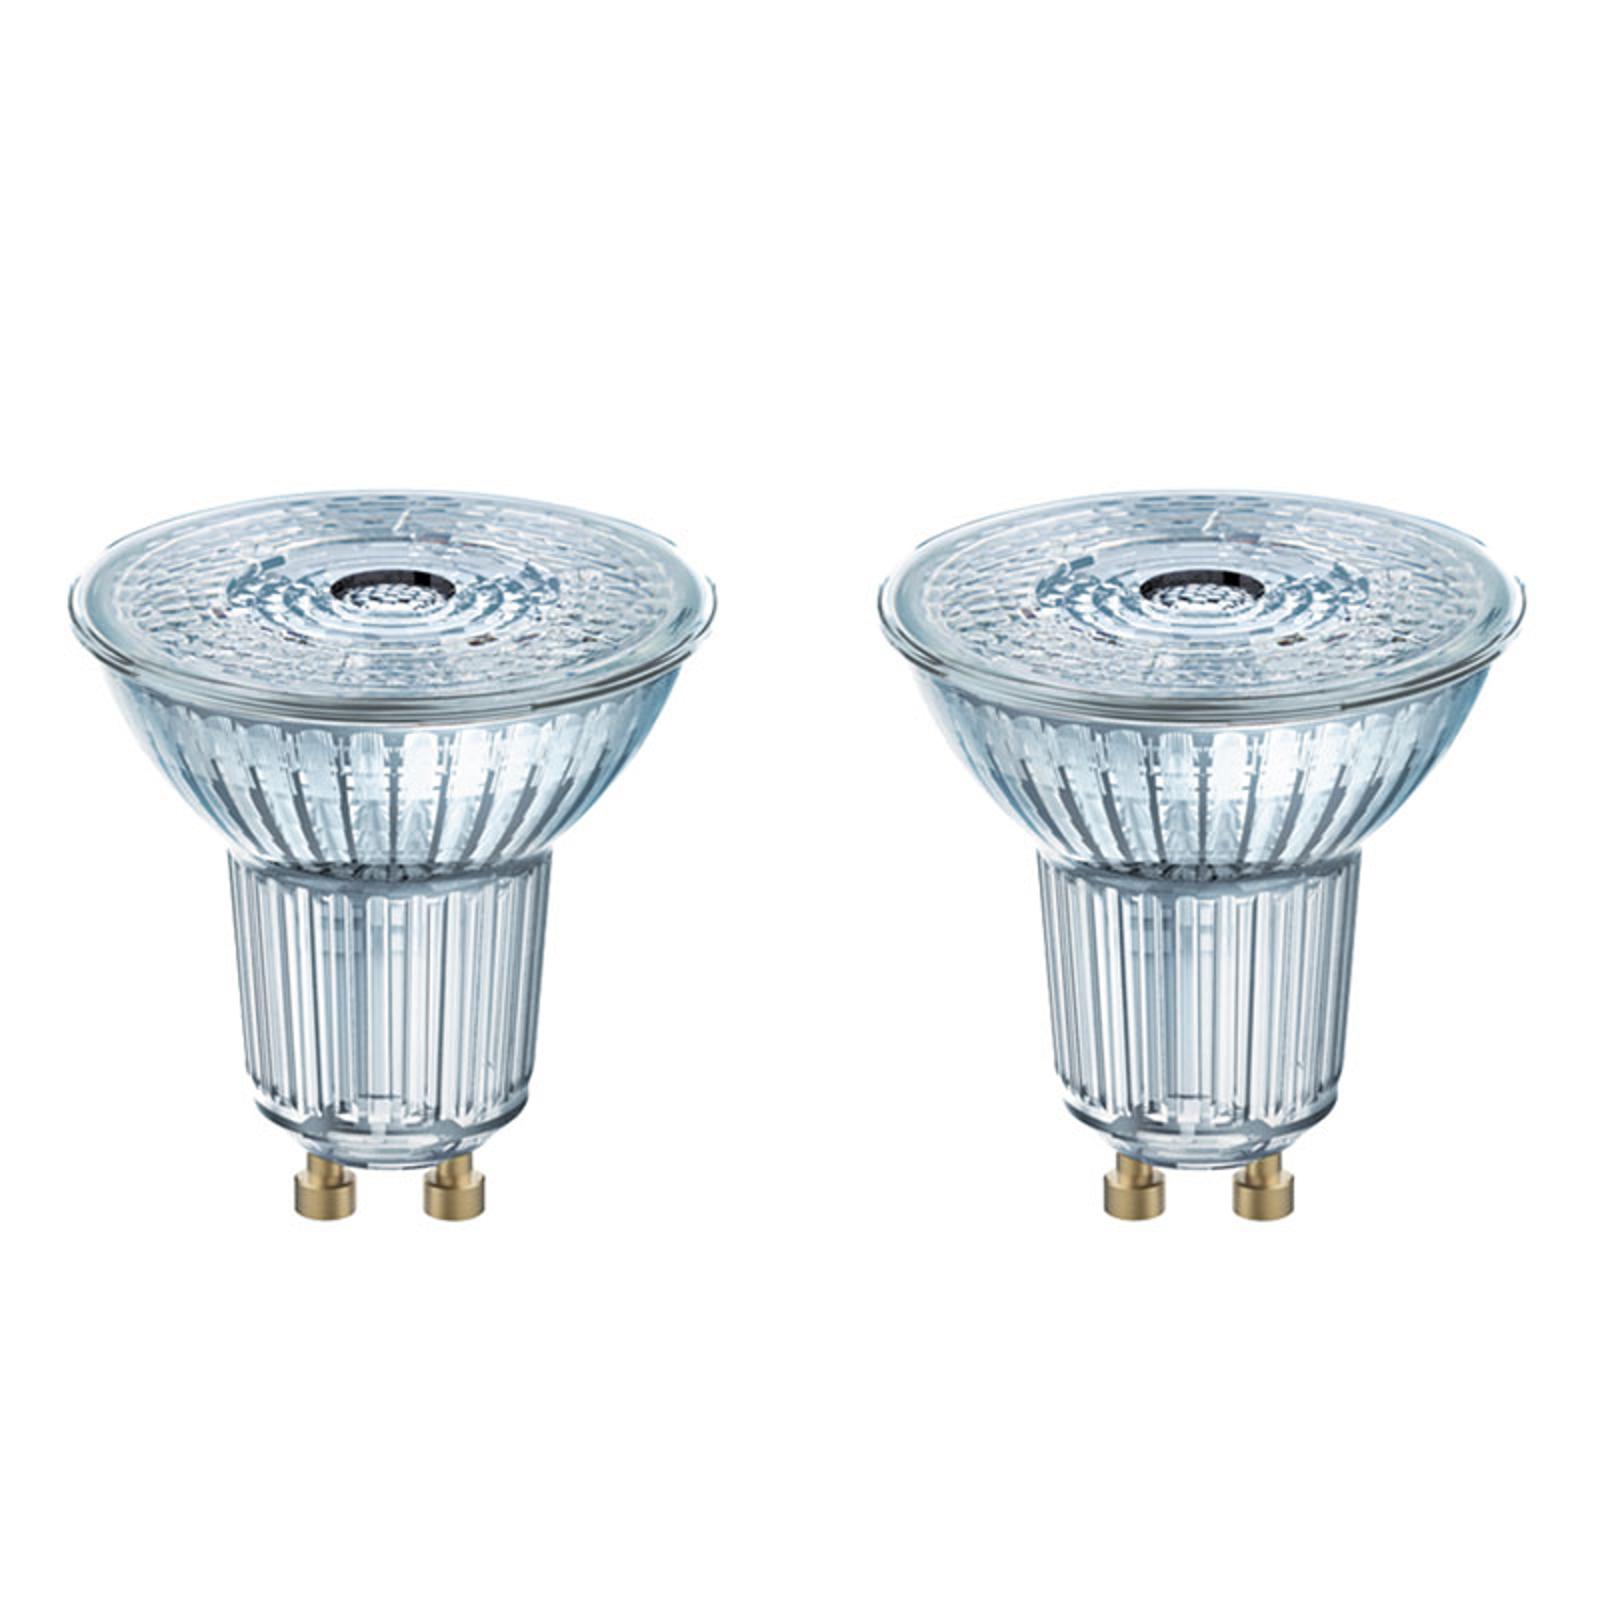 GU10 3,6W 827 LED-Reflektor 2er-Set